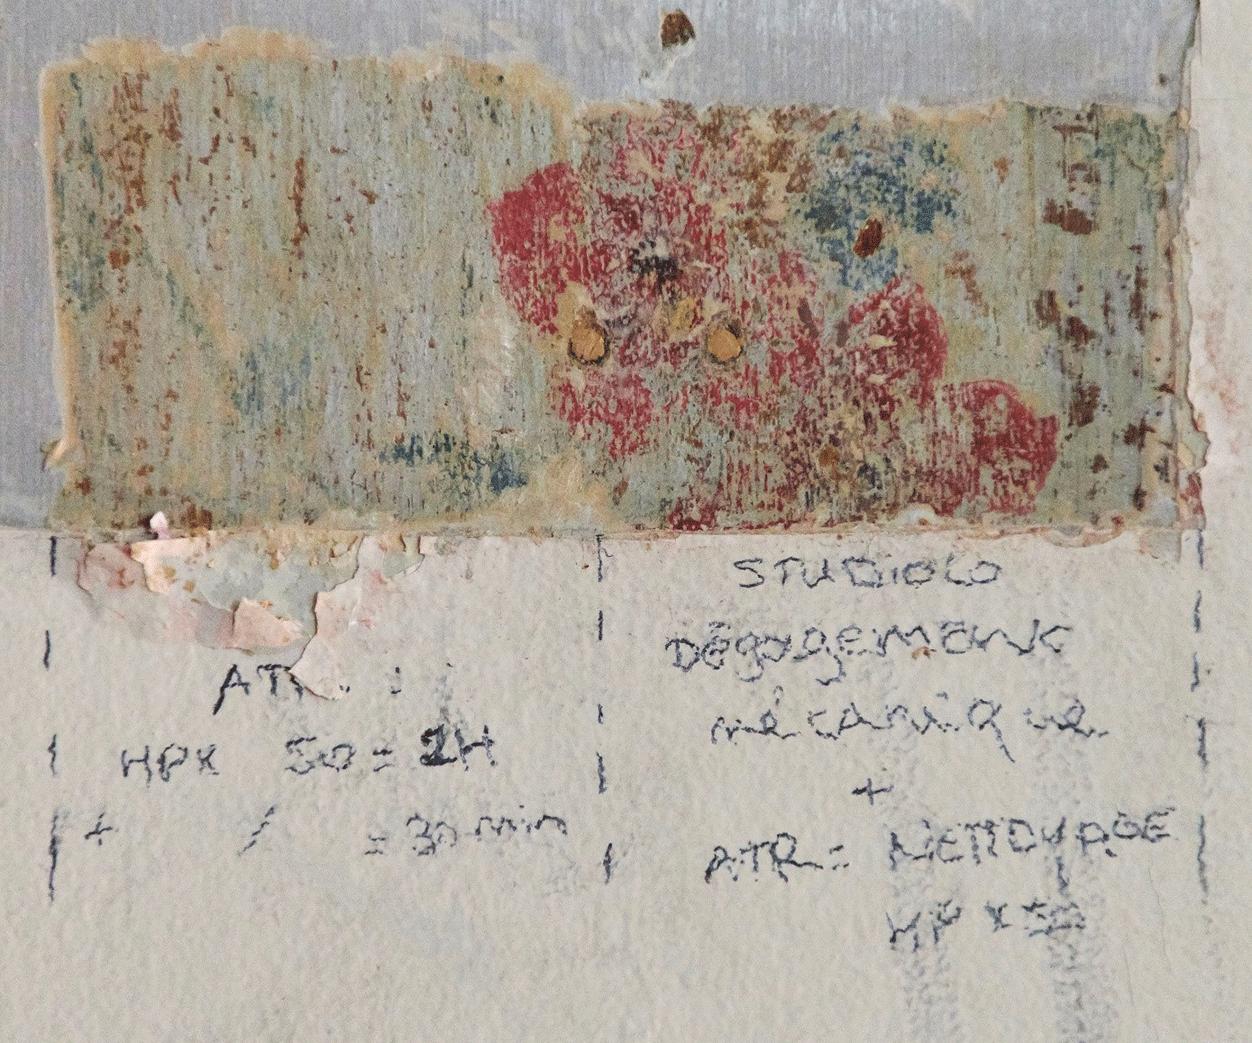 Les restauratrices effectuent des sondages en enlevant les couches de peintures une par une et découvrent les décors peints d'origine